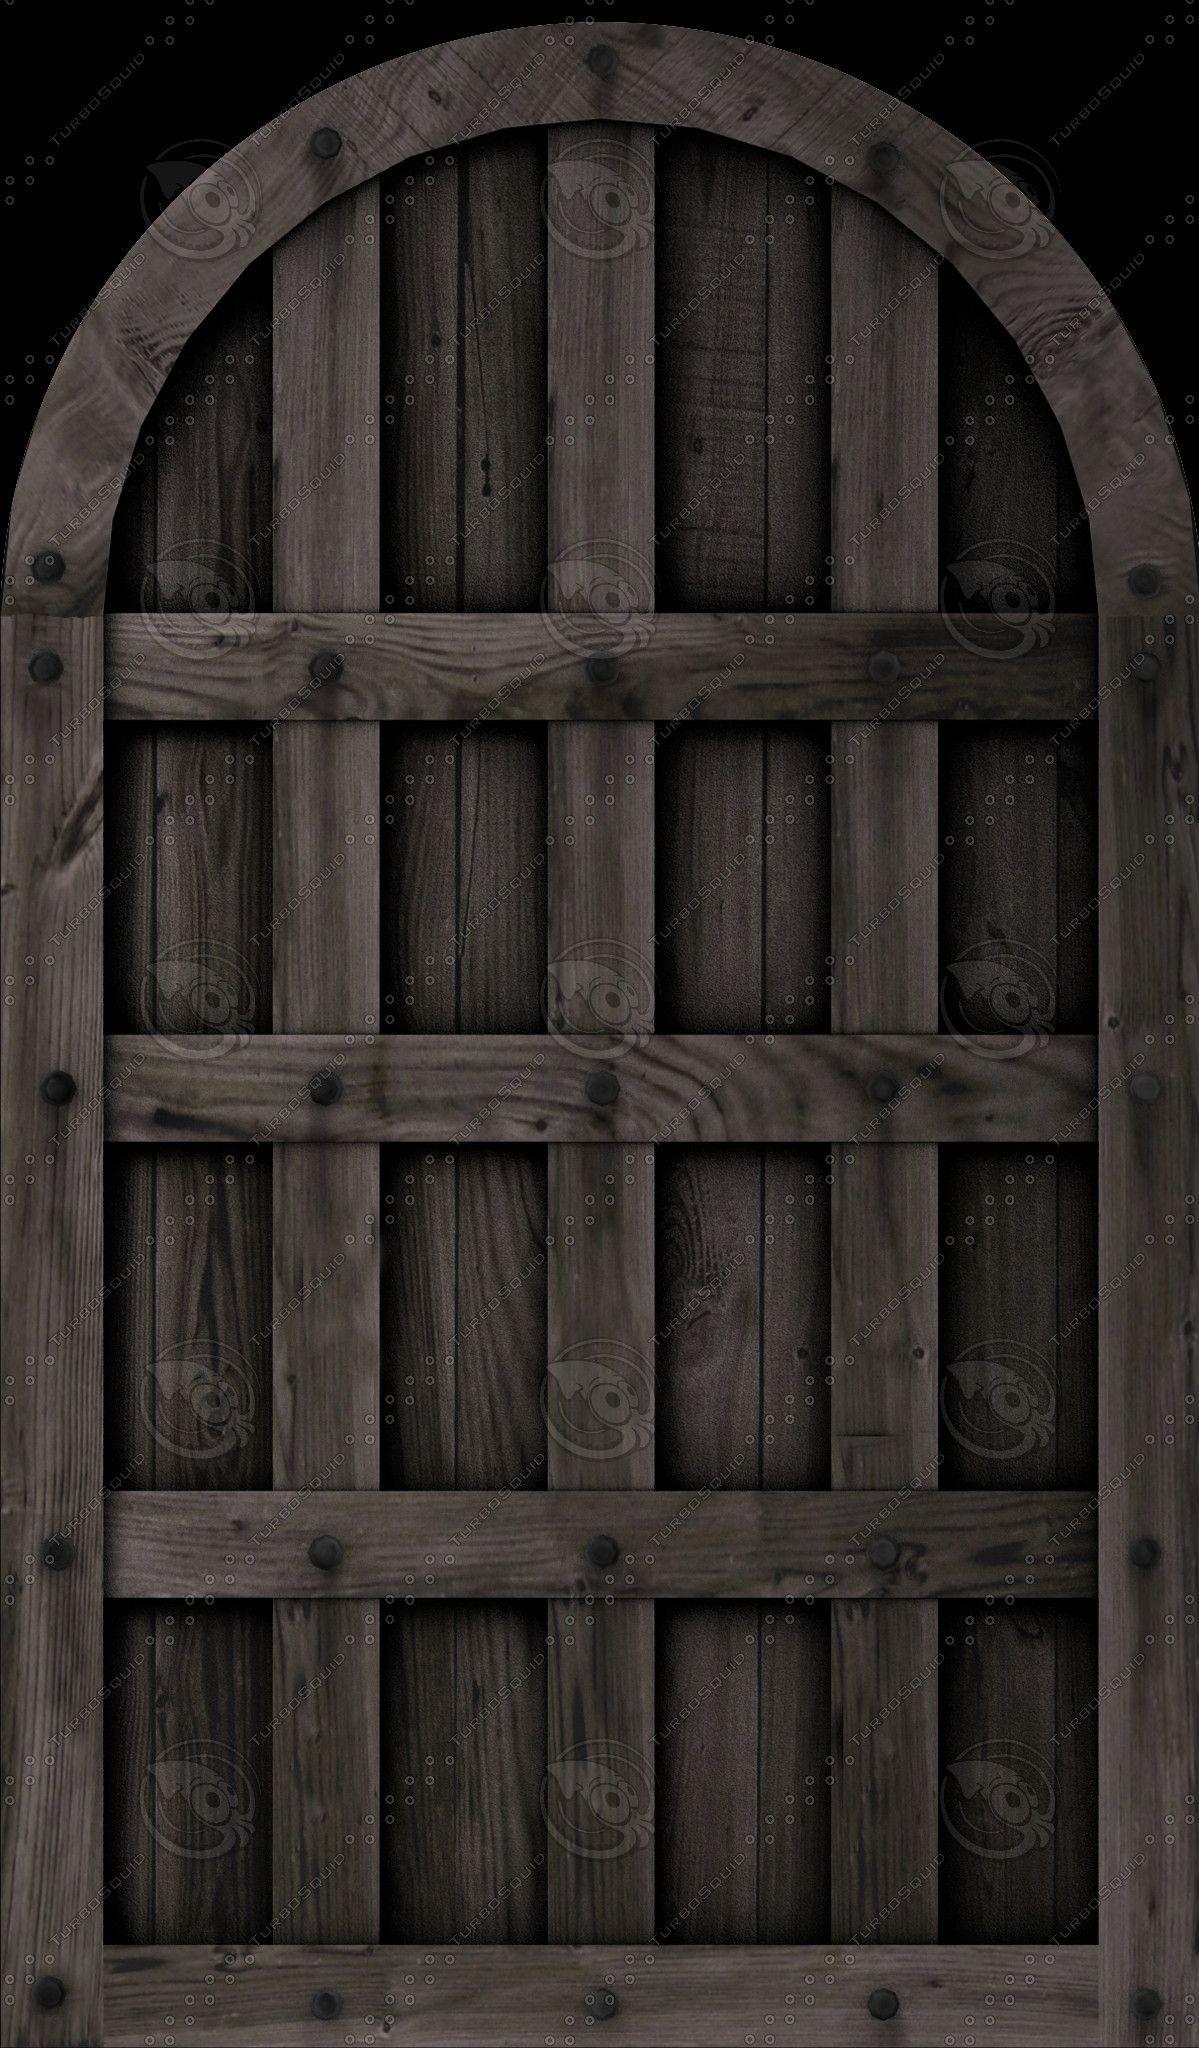 Texture jpg Dungeon door texture & Texture jpg Dungeon door texture | DIY Castle Ideas | Pinterest